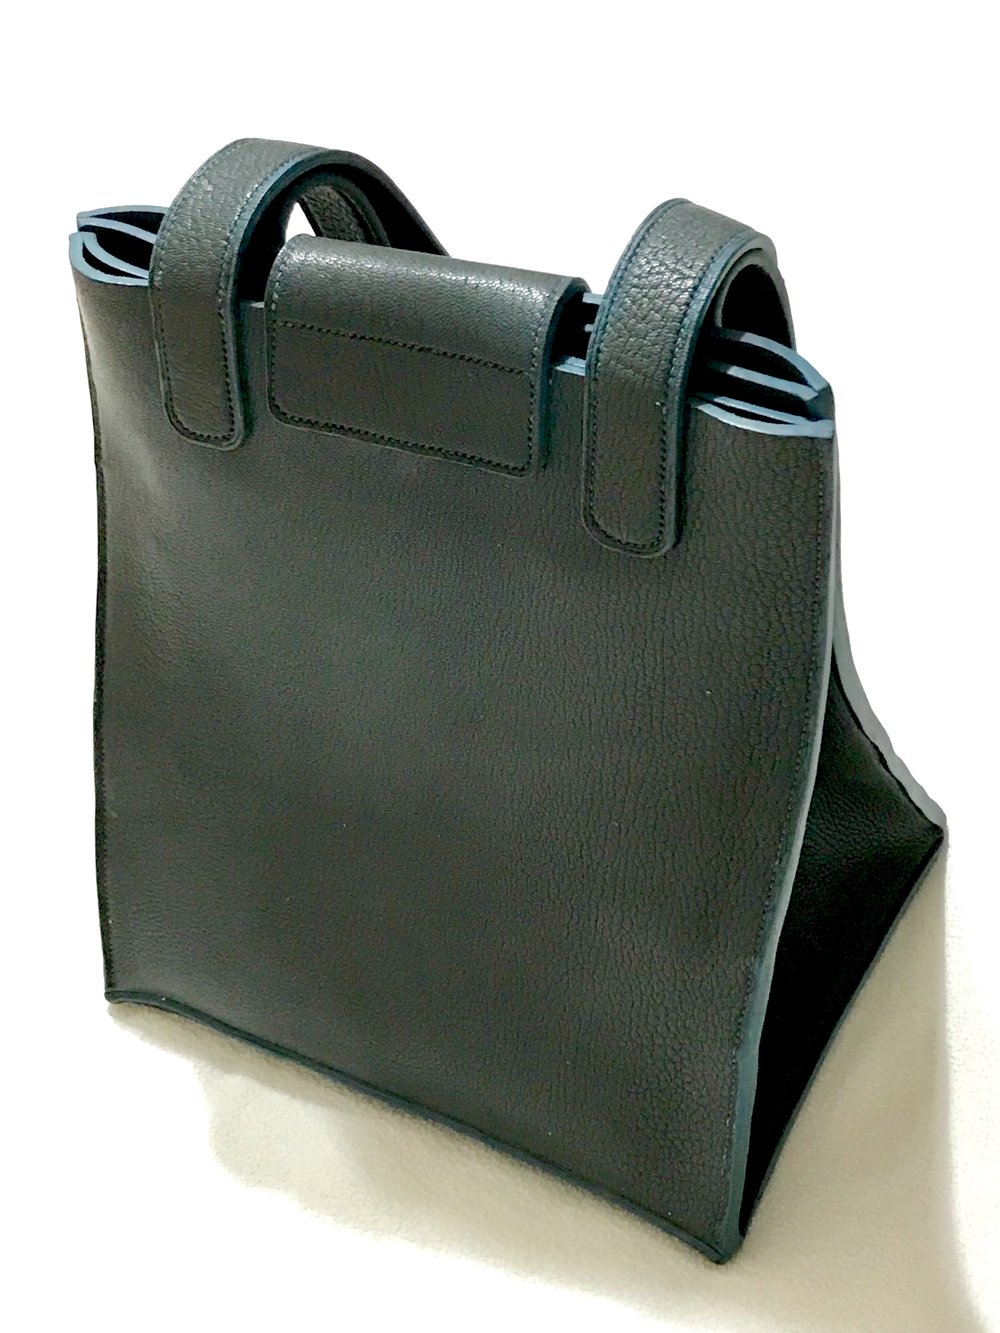 Bespoke Ladies Tote Bag